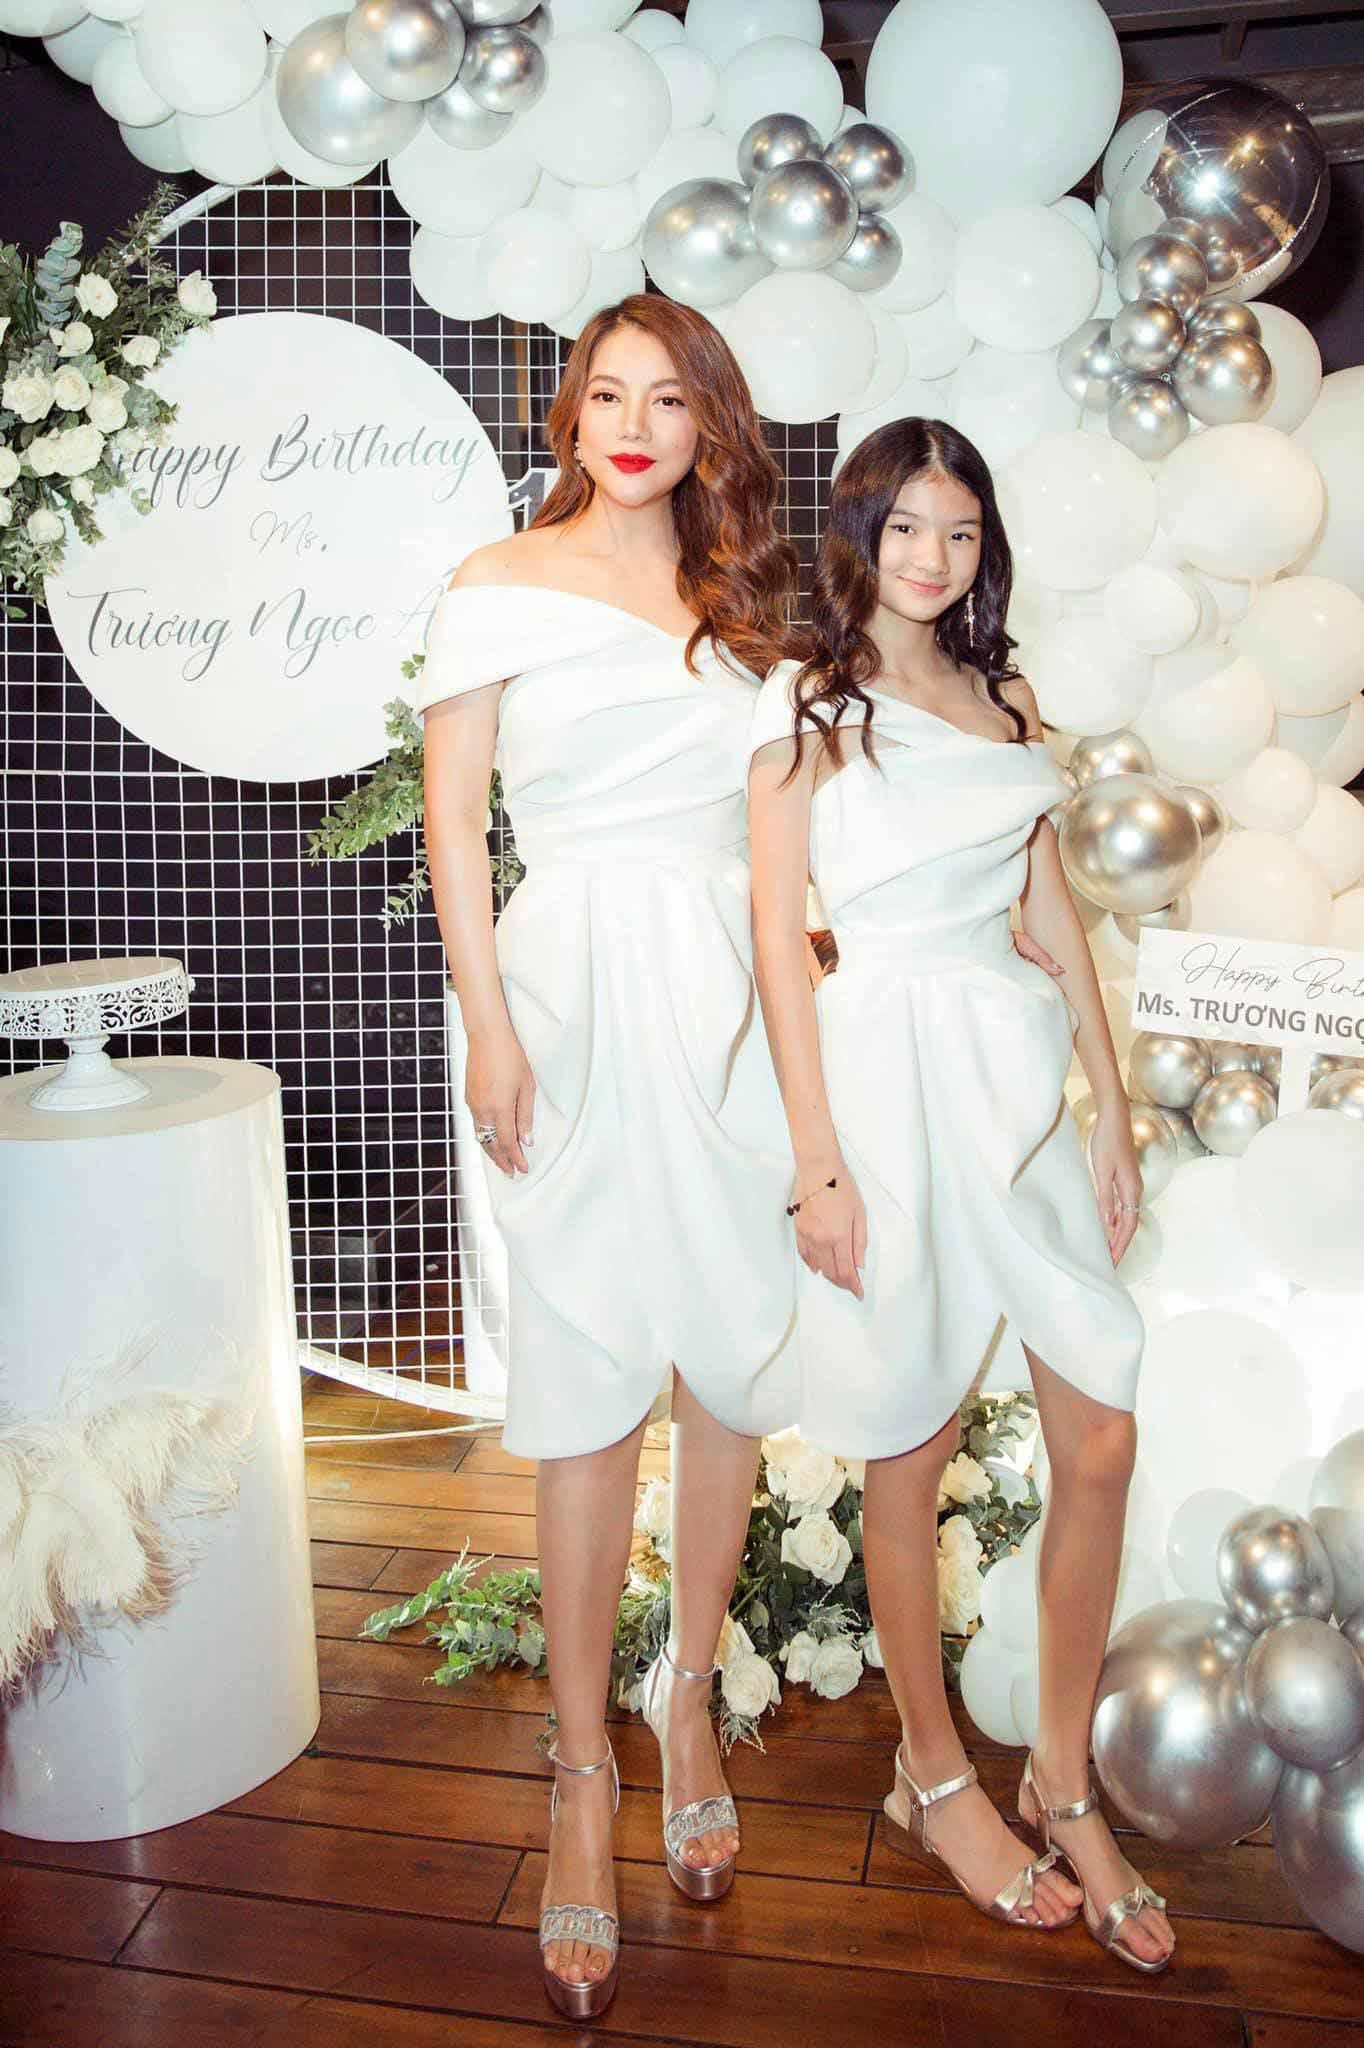 Con gái Trương Ngọc Ánh đứng cạnh một bé gái giống như chị em ruột, danh tính cũng không vừa - 1